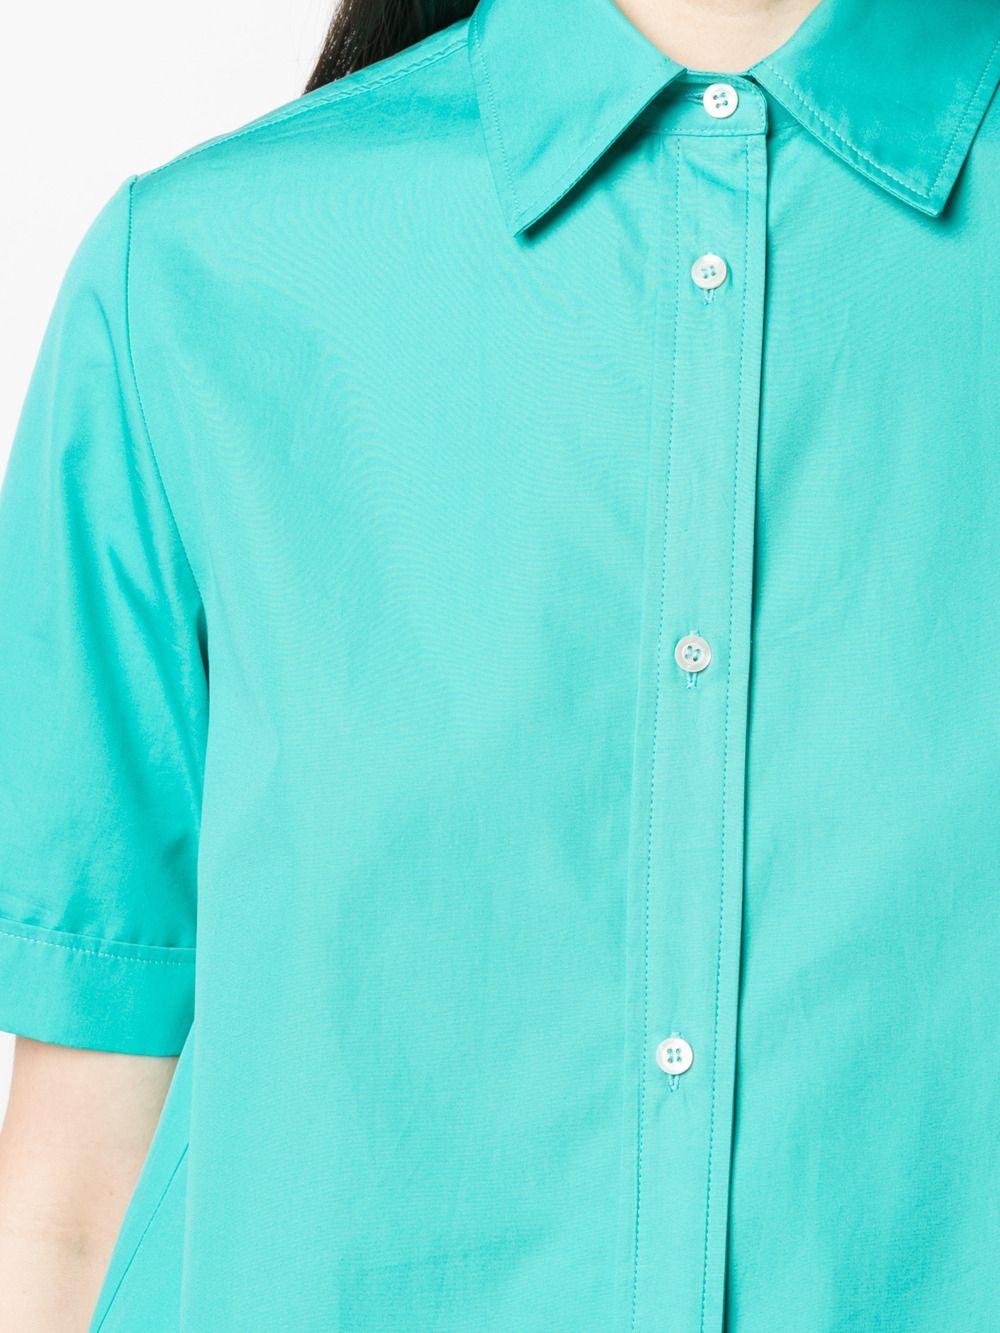 Camicia verde acqua in cotone a maniche corte con abbottonatura con spacchi ASPESI | Camicie | H719-D30785006